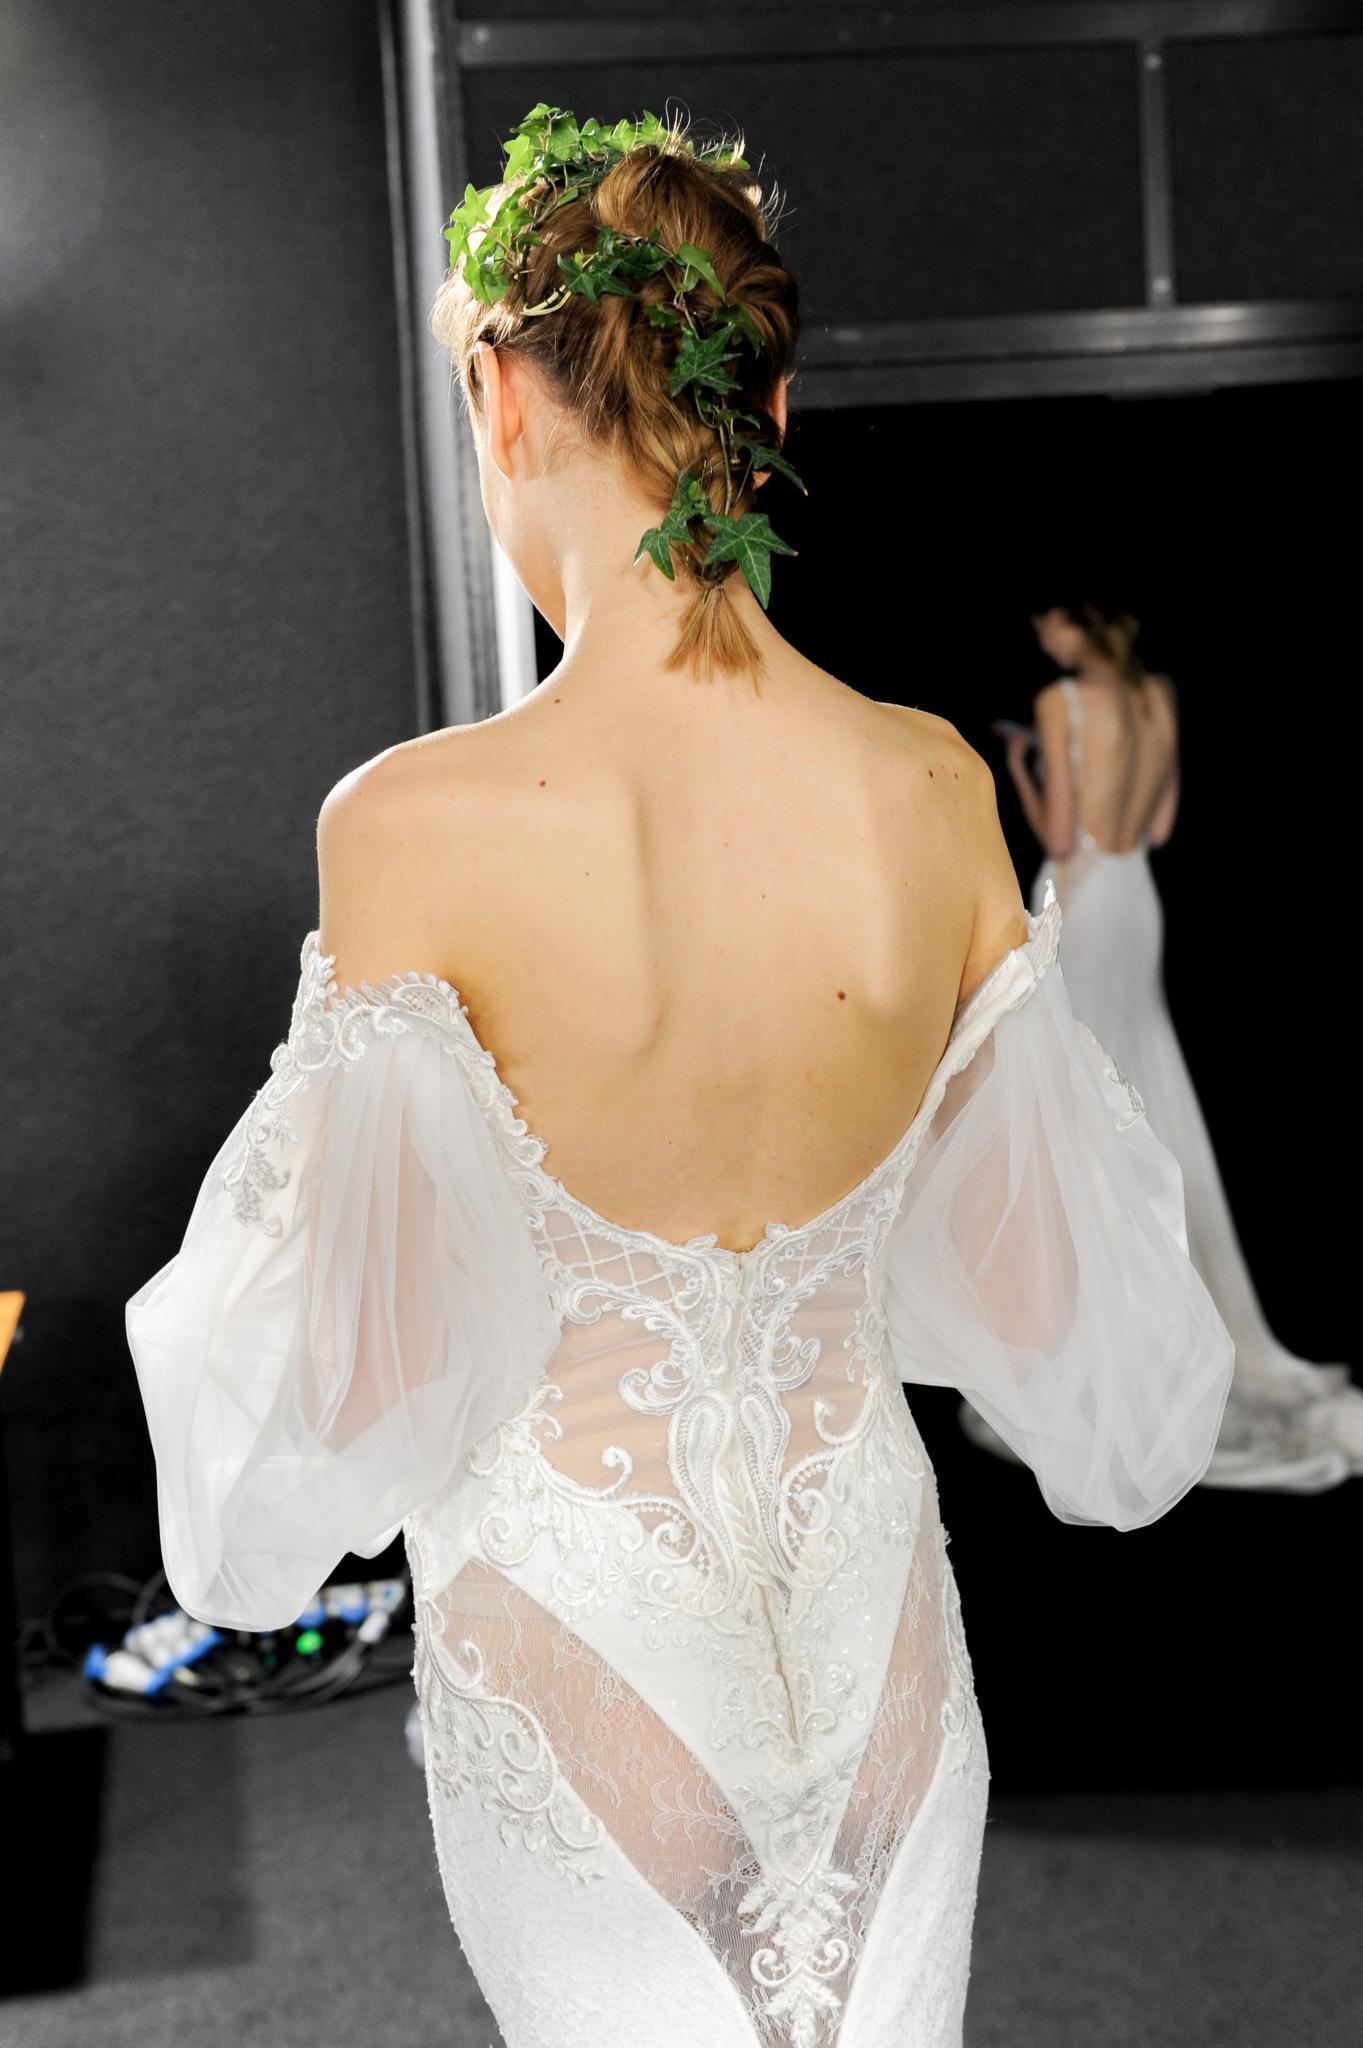 Vista de atrás de mujer castaña peinada con un recogido en el que se utilizaron hojas verdes